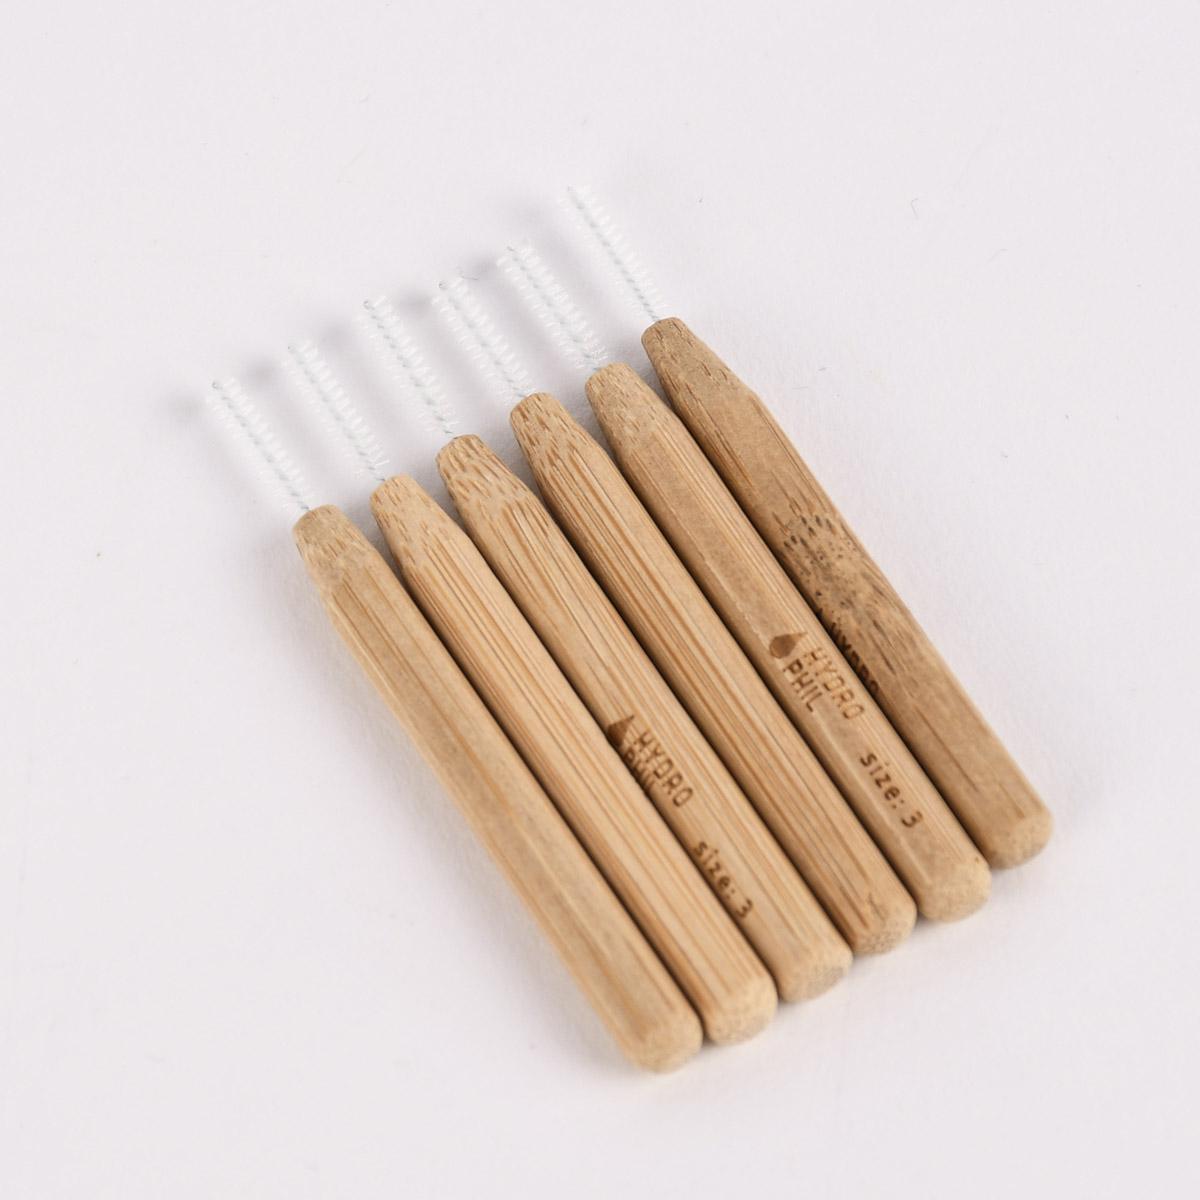 Hydrophil Nachhaltige Interdentalbürsten aus Bambus 6 Stück 0,6mm Größe 3